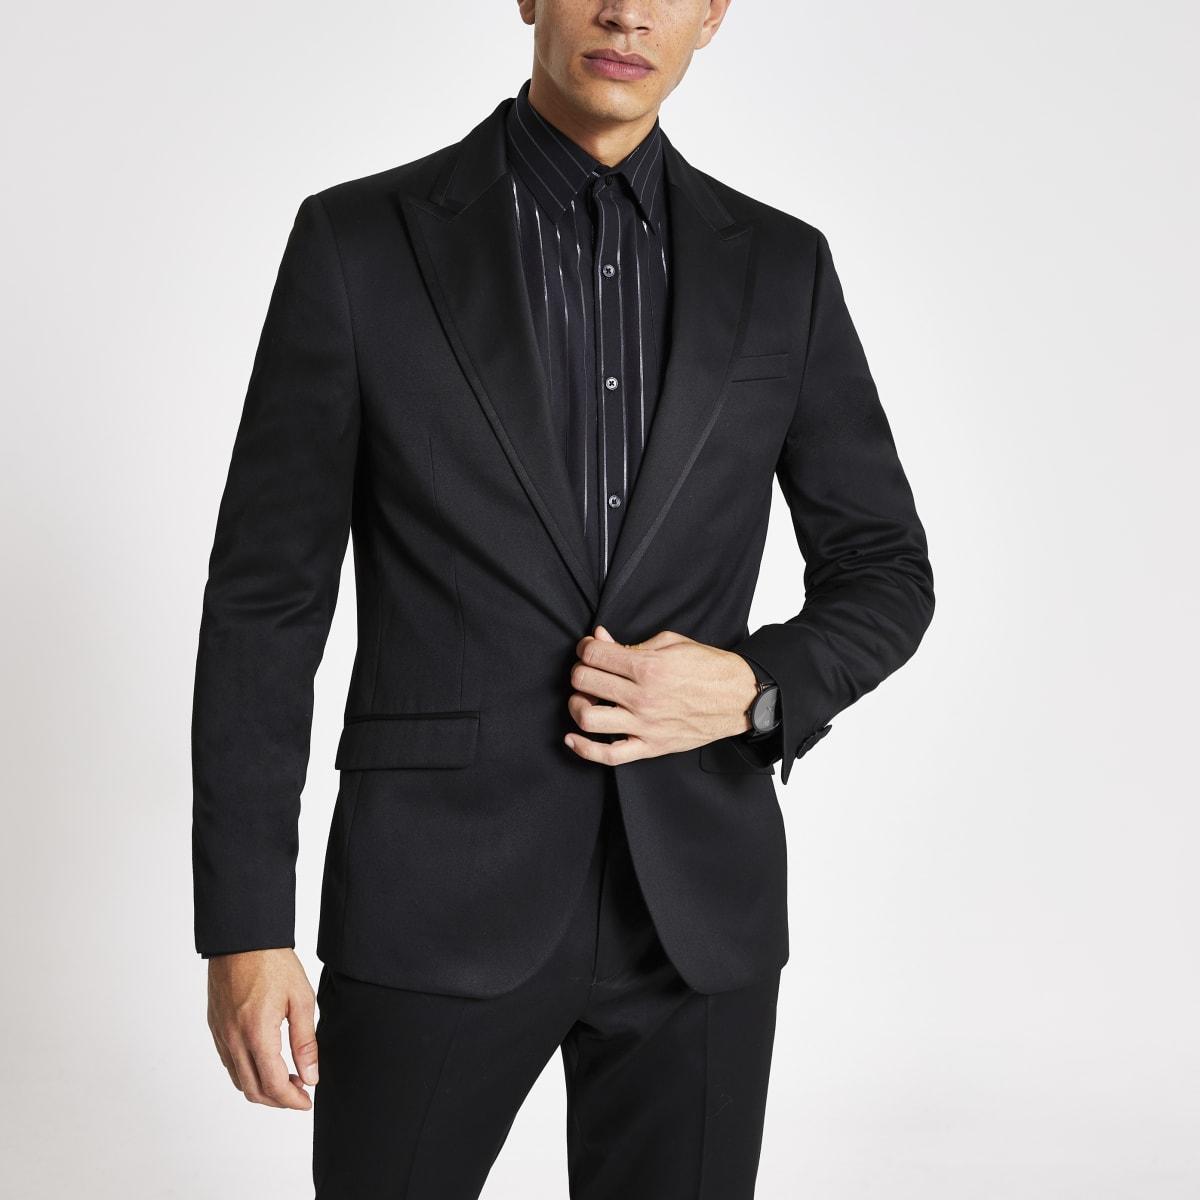 Schwarze Smokinganzugsjacke im Skinny Fit